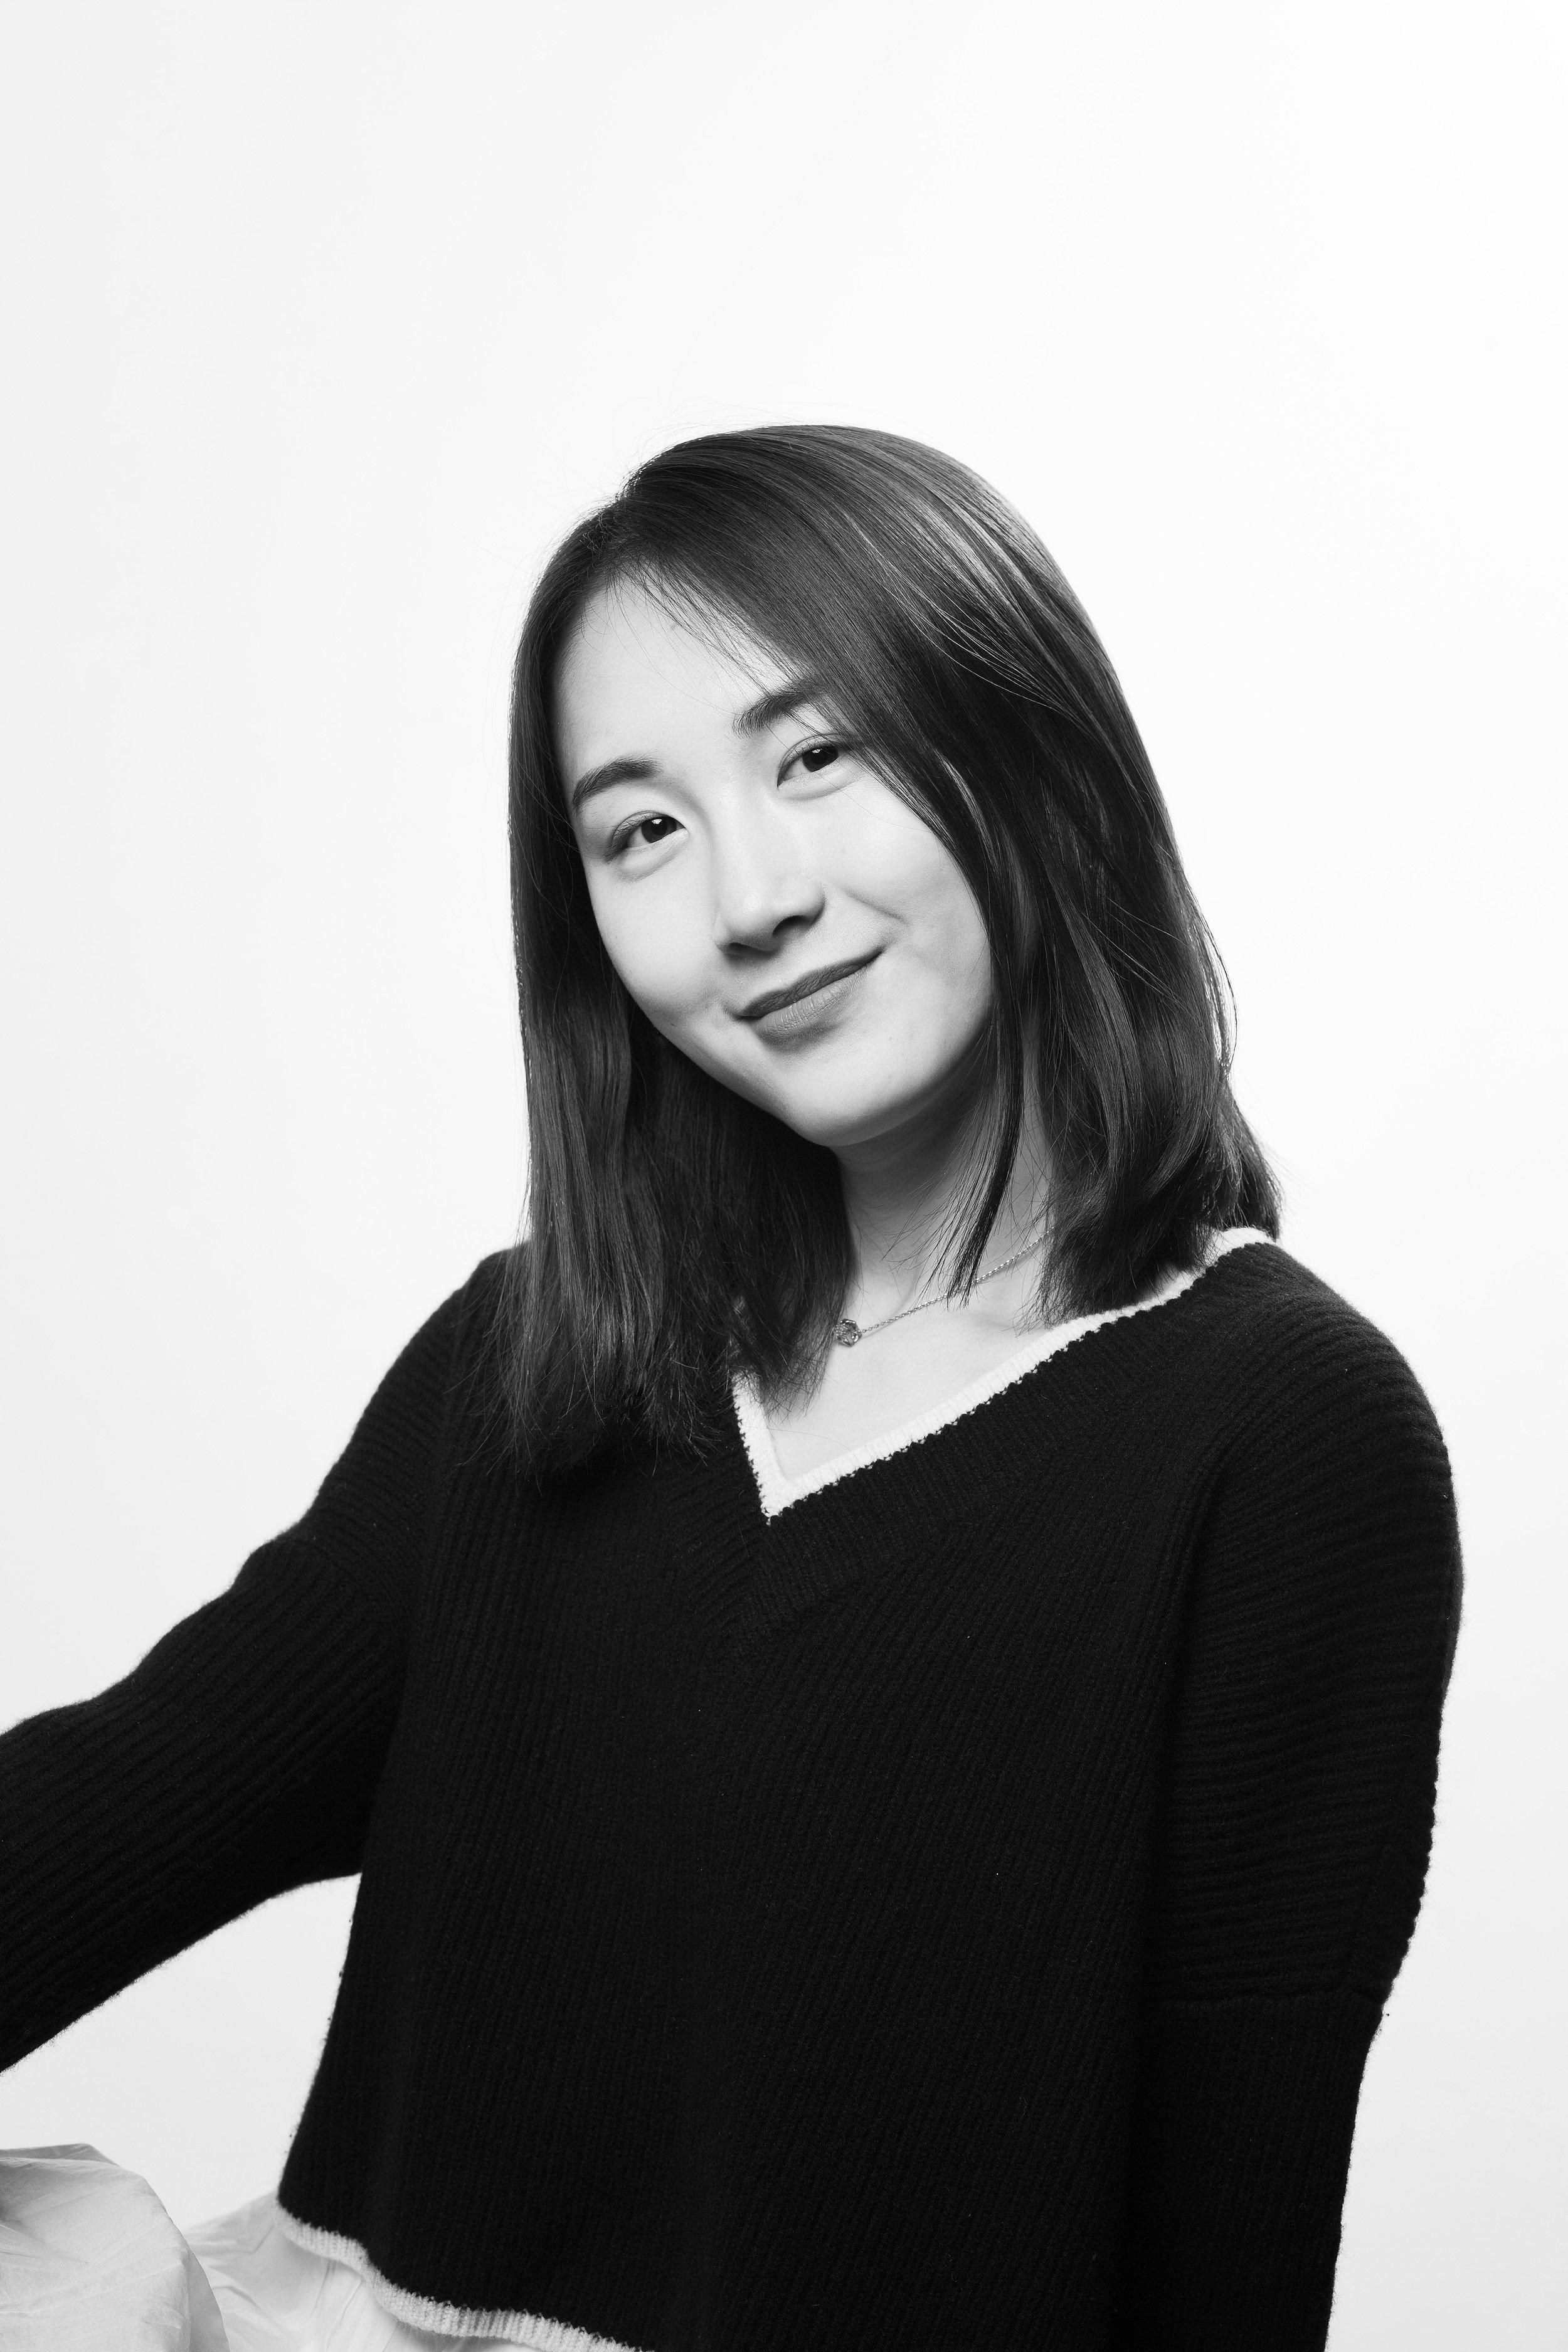 Xiaotong Wang